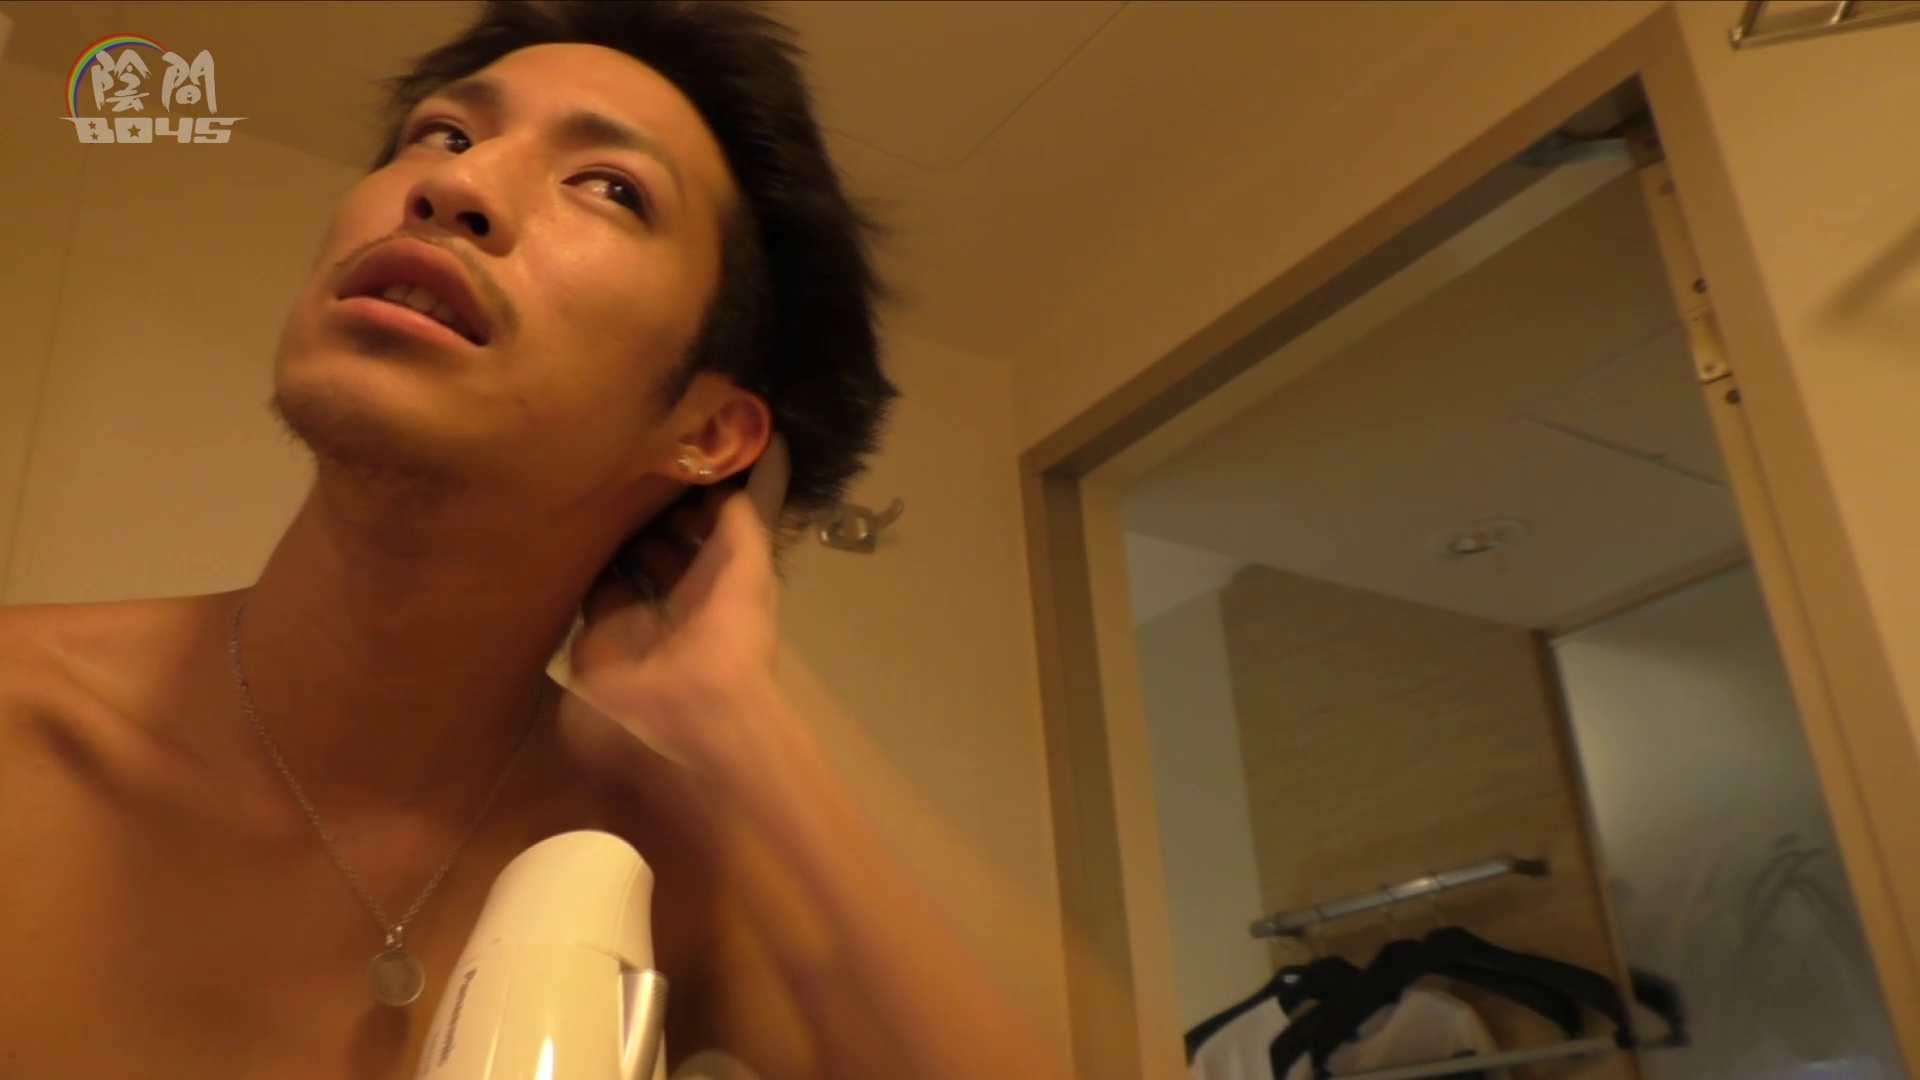 陰間BOYS~「アナルだけは許して…3」~02 アナル挿入 ゲイエロ動画 72pic 40